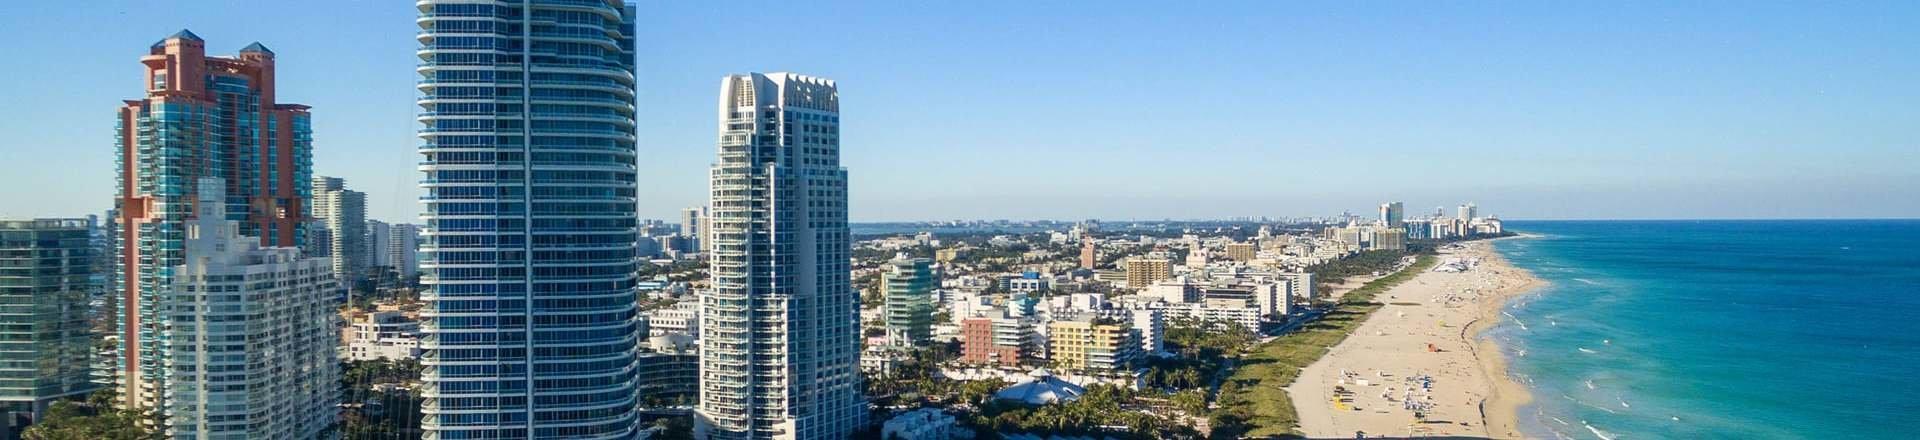 Hôtels à Miami Beach pas chers à partir de 32 € | Destinia